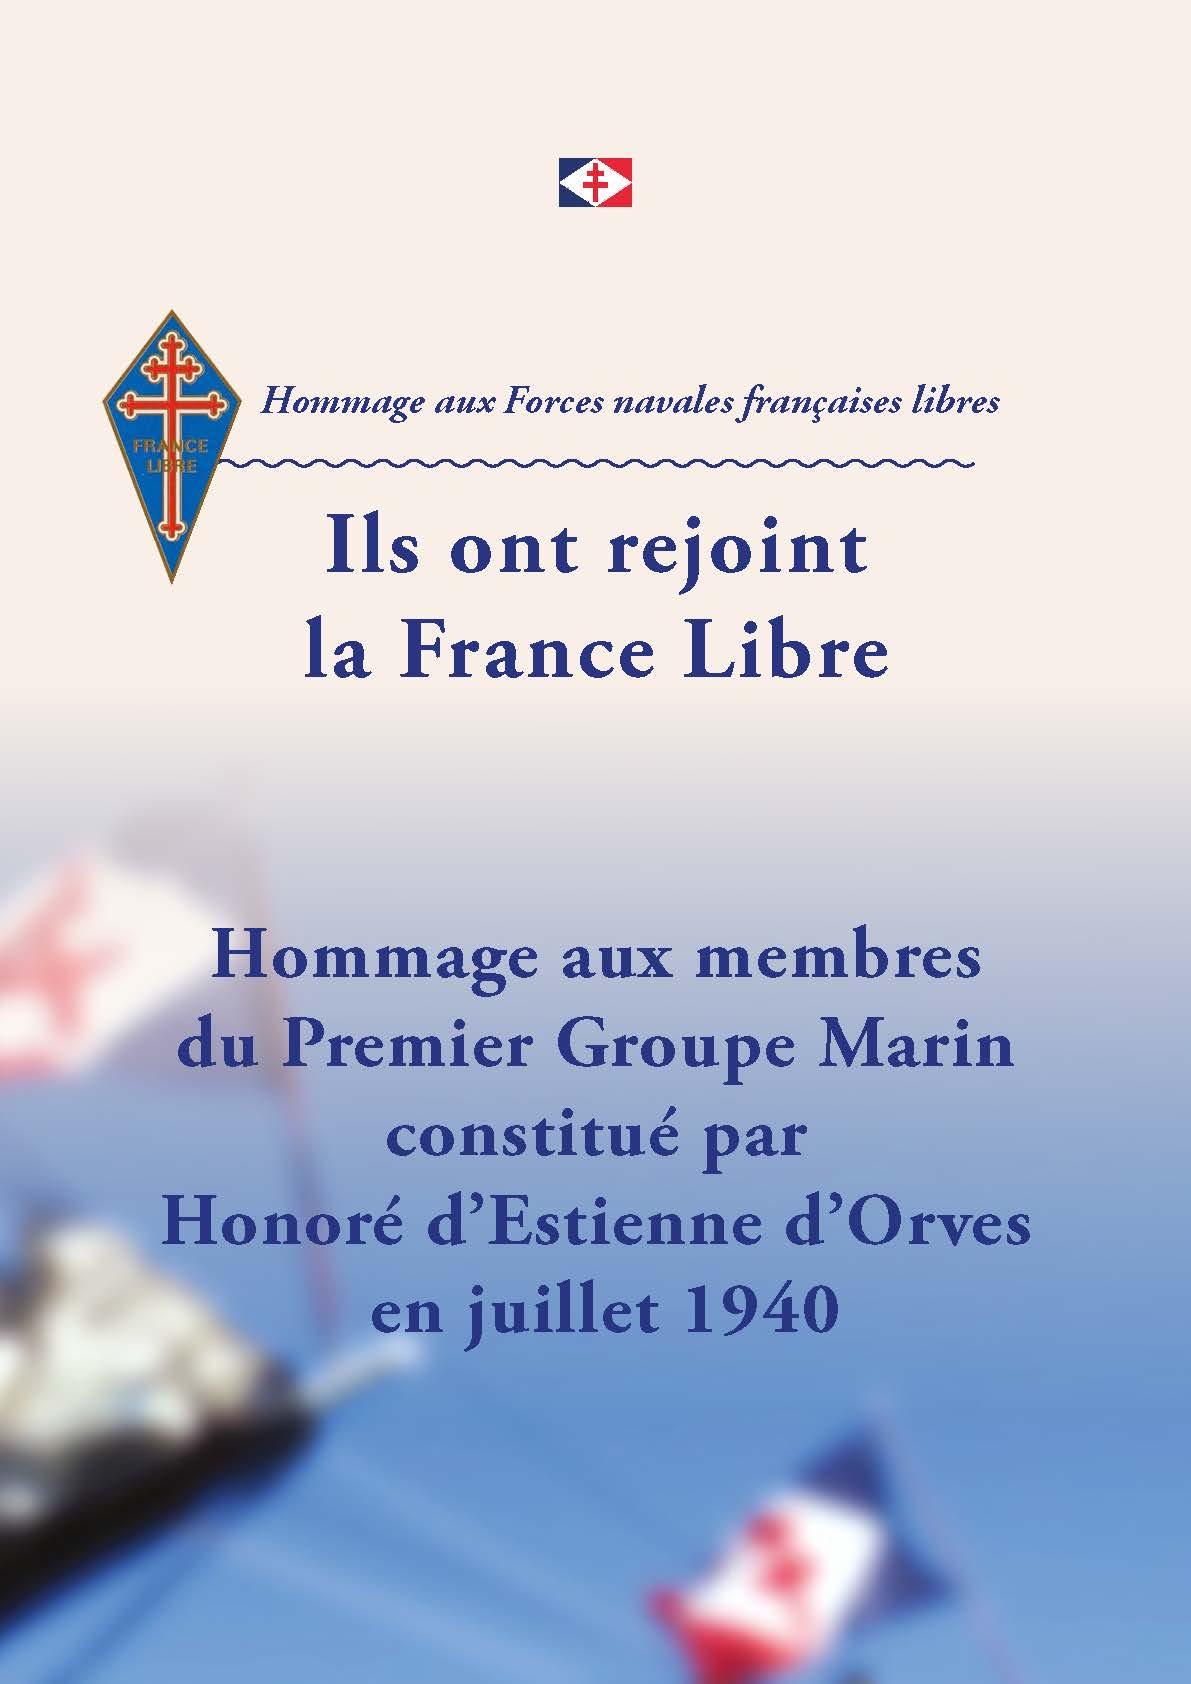 Hommage au Premier Groupe Marin constitué par Honoré d'Estienne d'Orves en juillet 1940